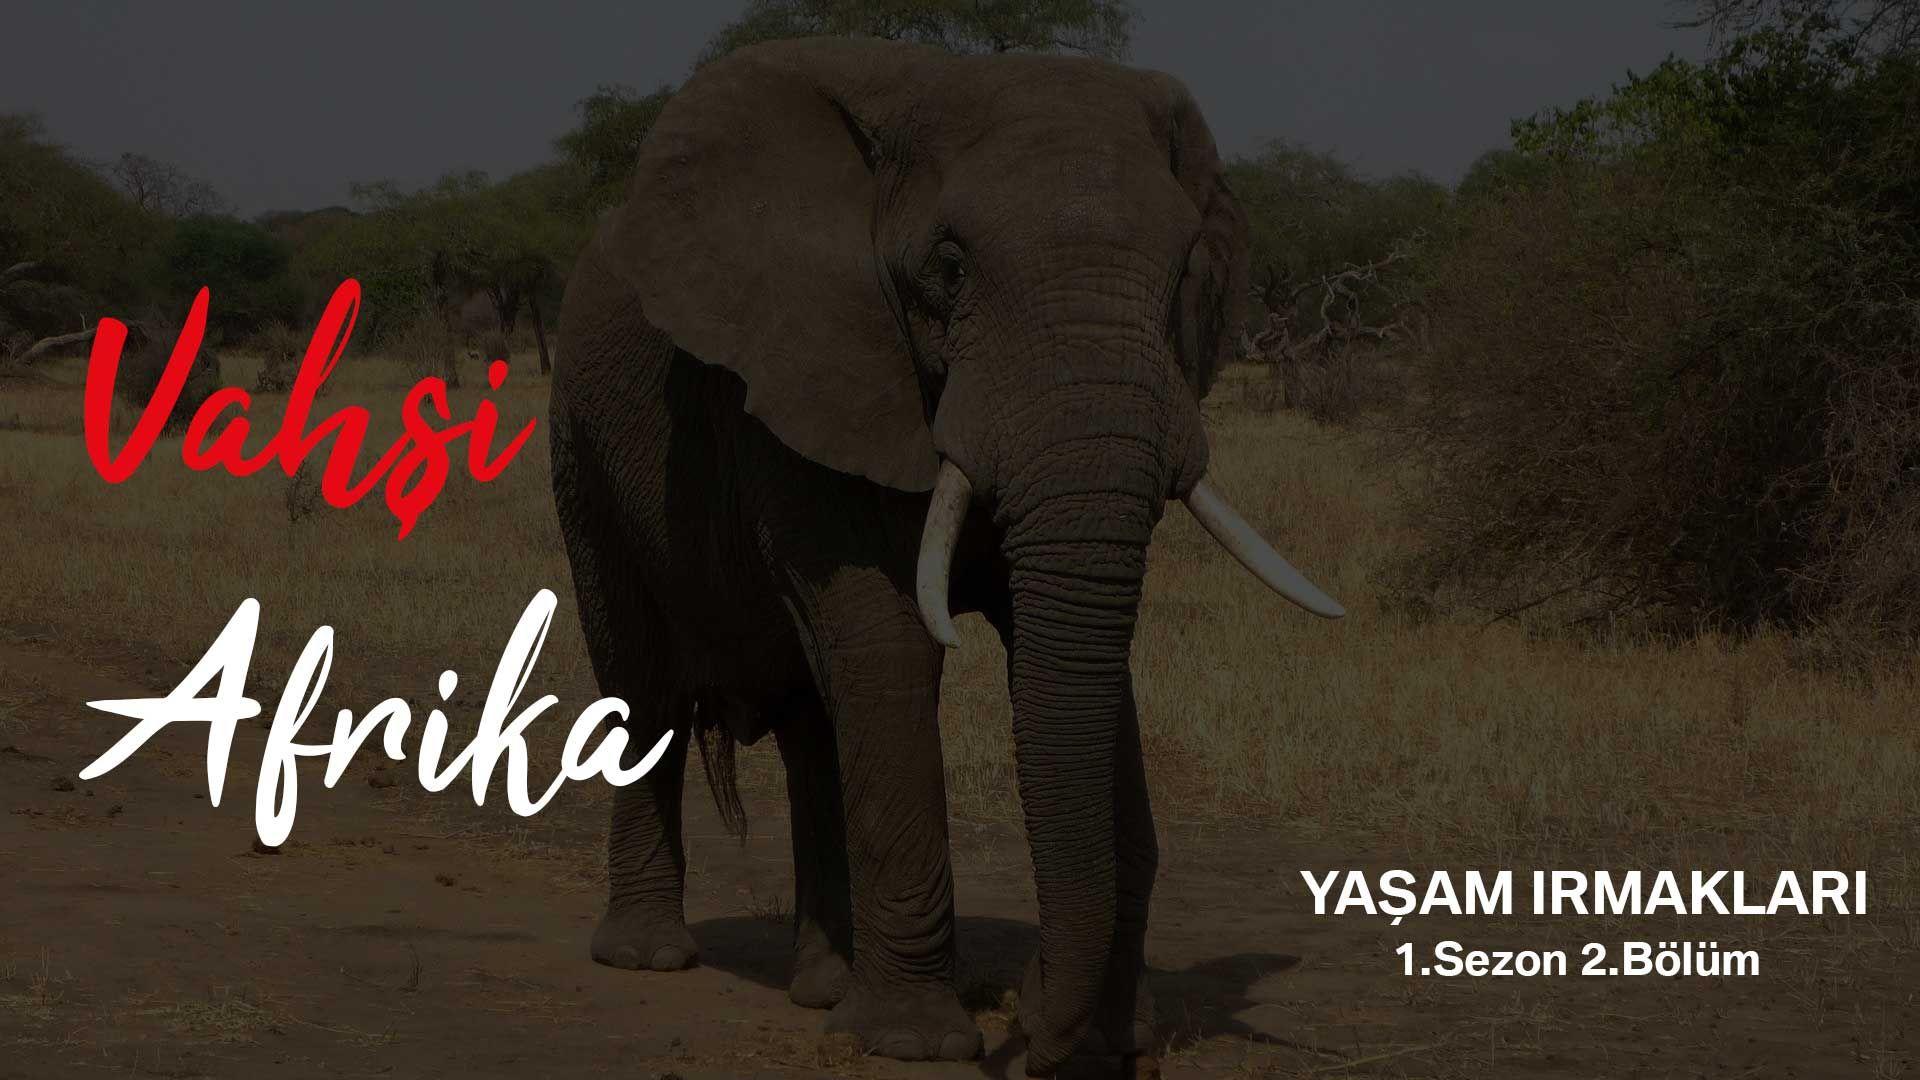 Vahşi Afrika: Yaşam Irmakları | 1.Sezon 2.Bölüm